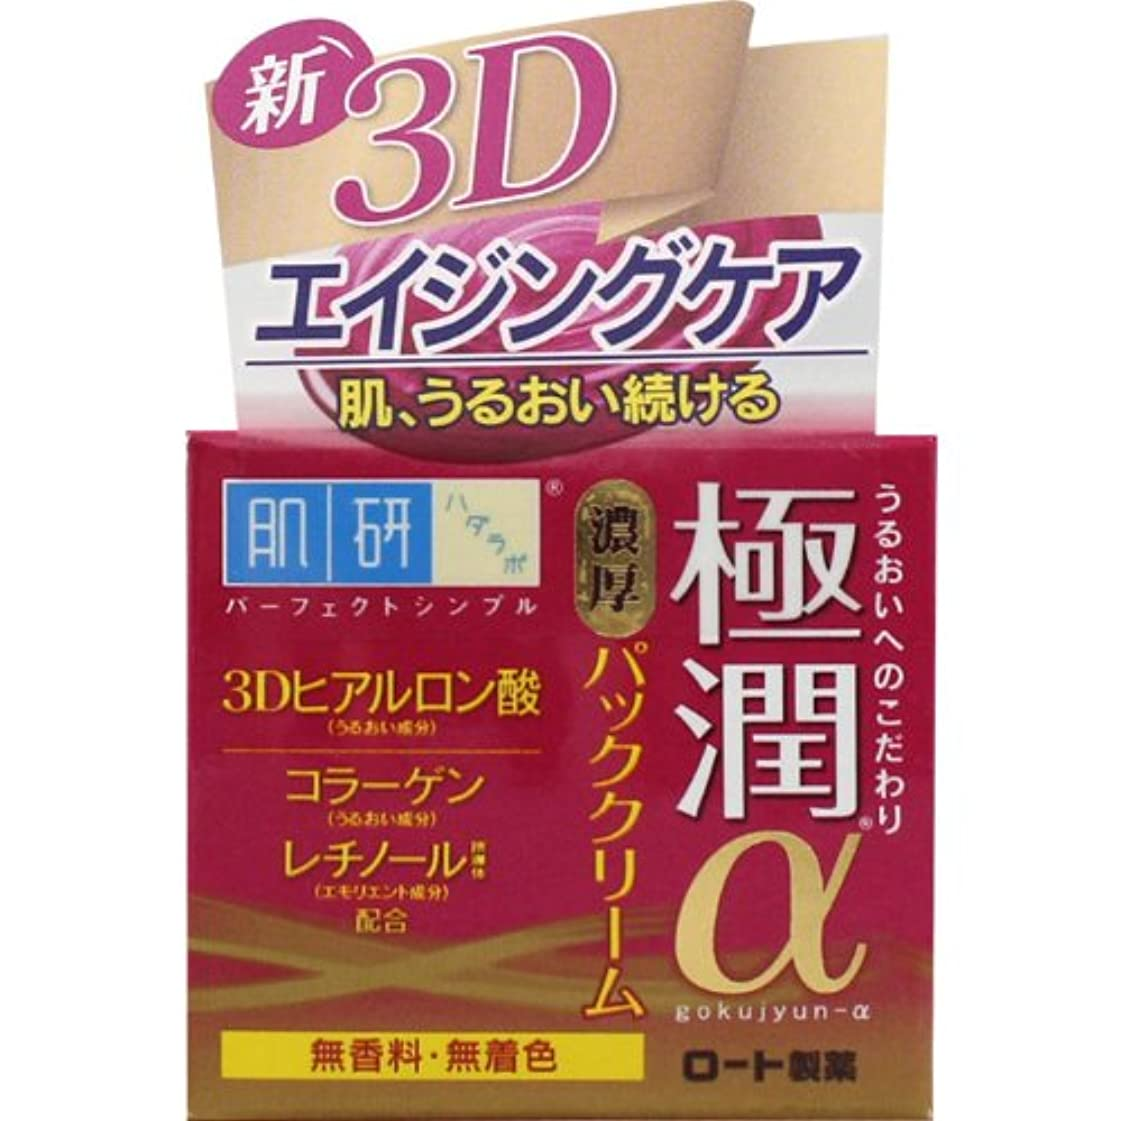 学校でもネックレット肌研(ハダラボ) 極潤 αパッククリーム 50g